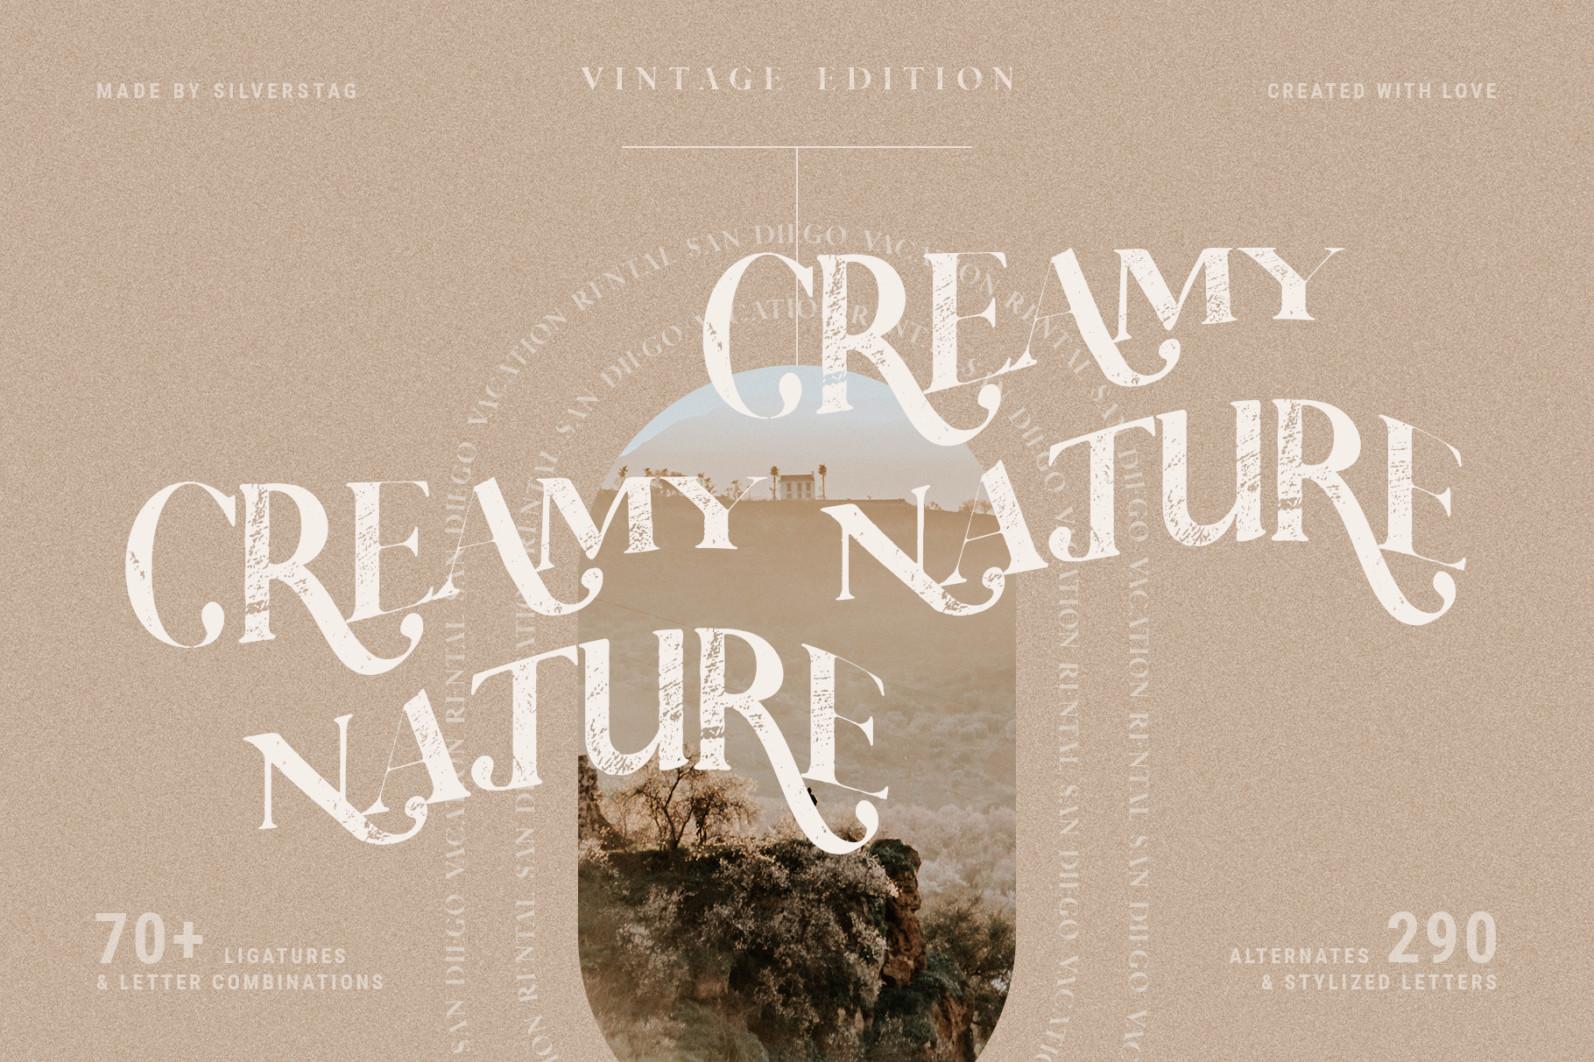 Vicky Christina - Vintage Serif Font - 14 vicky christina vintage ligature serif by silver stag -